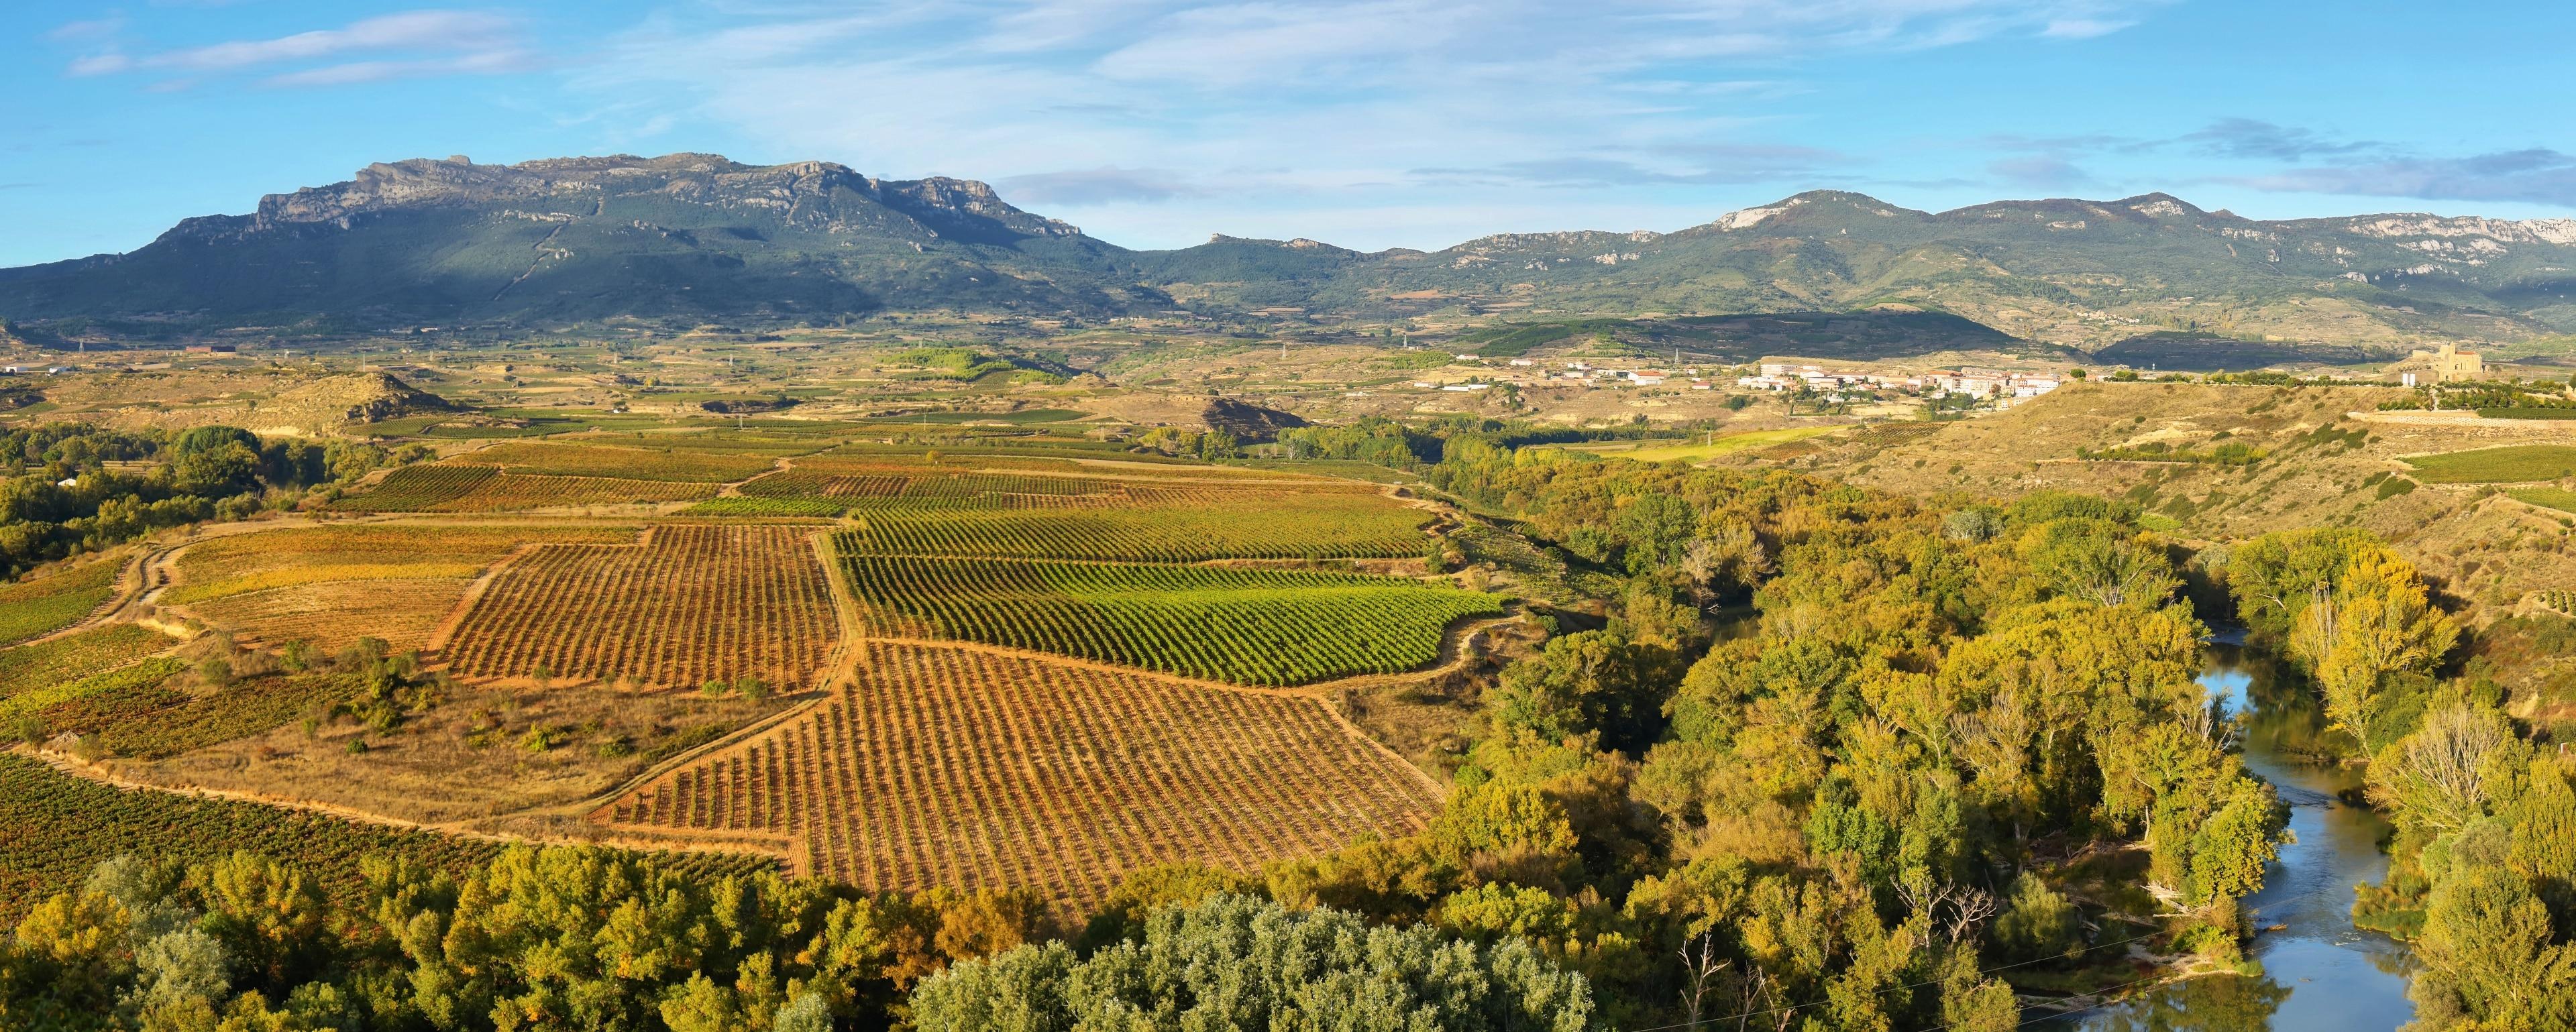 Alava (província), País Basco, Espanha